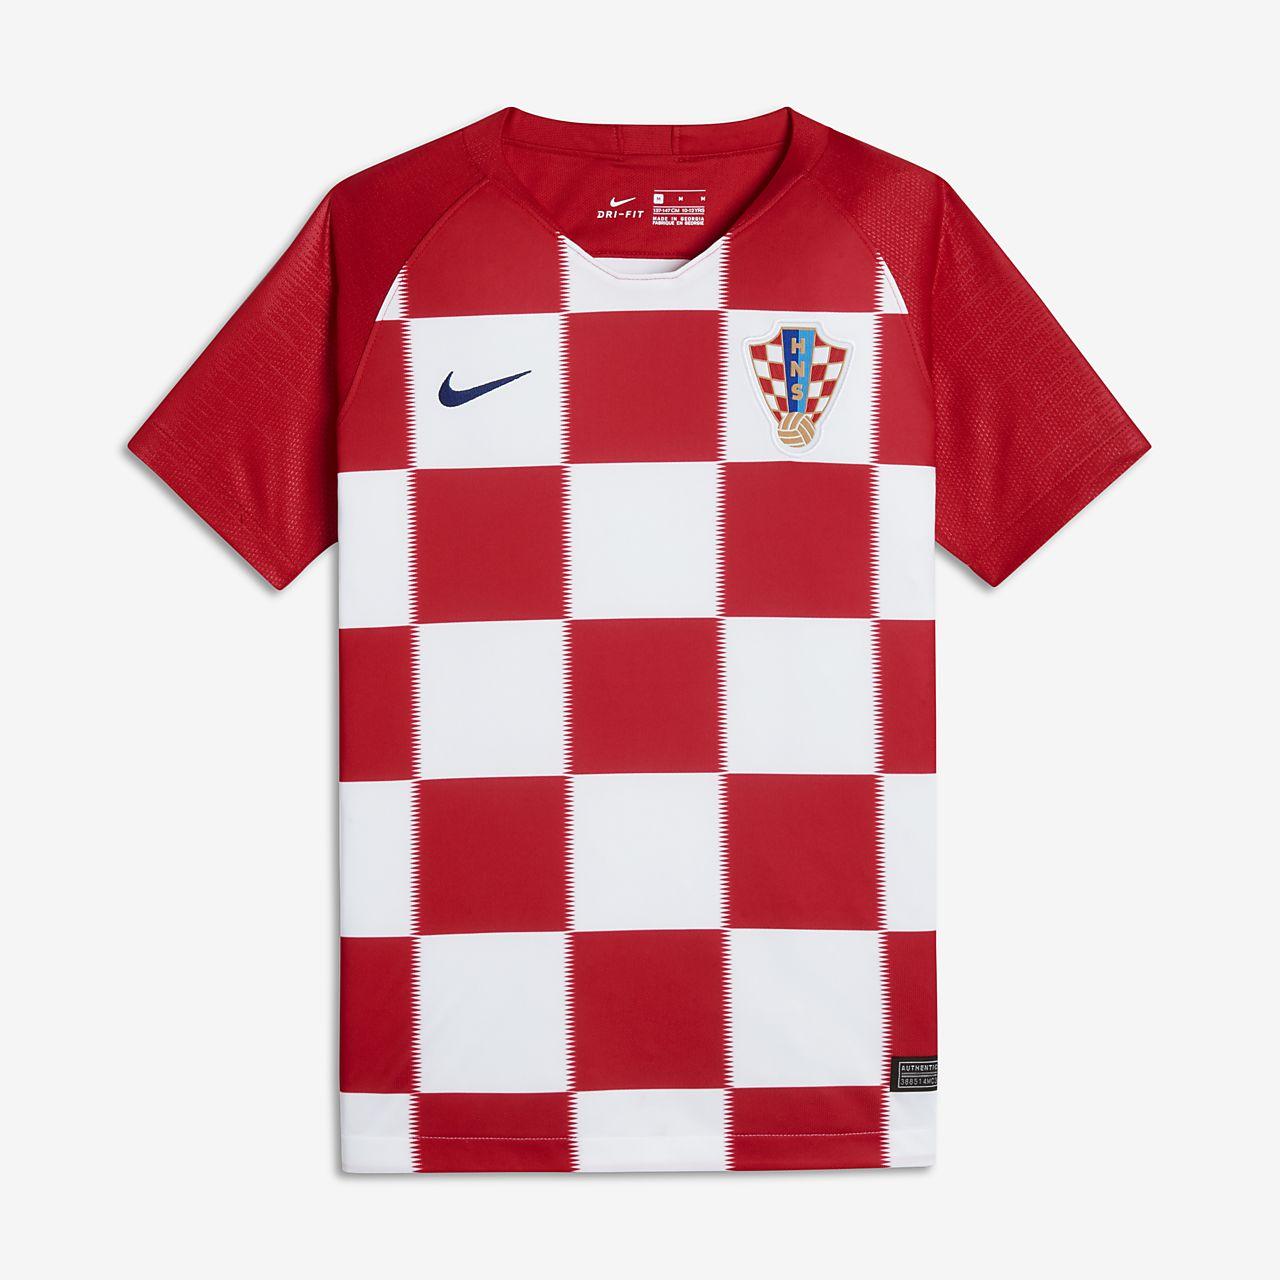 88a374cdfab34 Camiseta de fútbol para niños talla grande 2018 Croatia Stadium Home ...